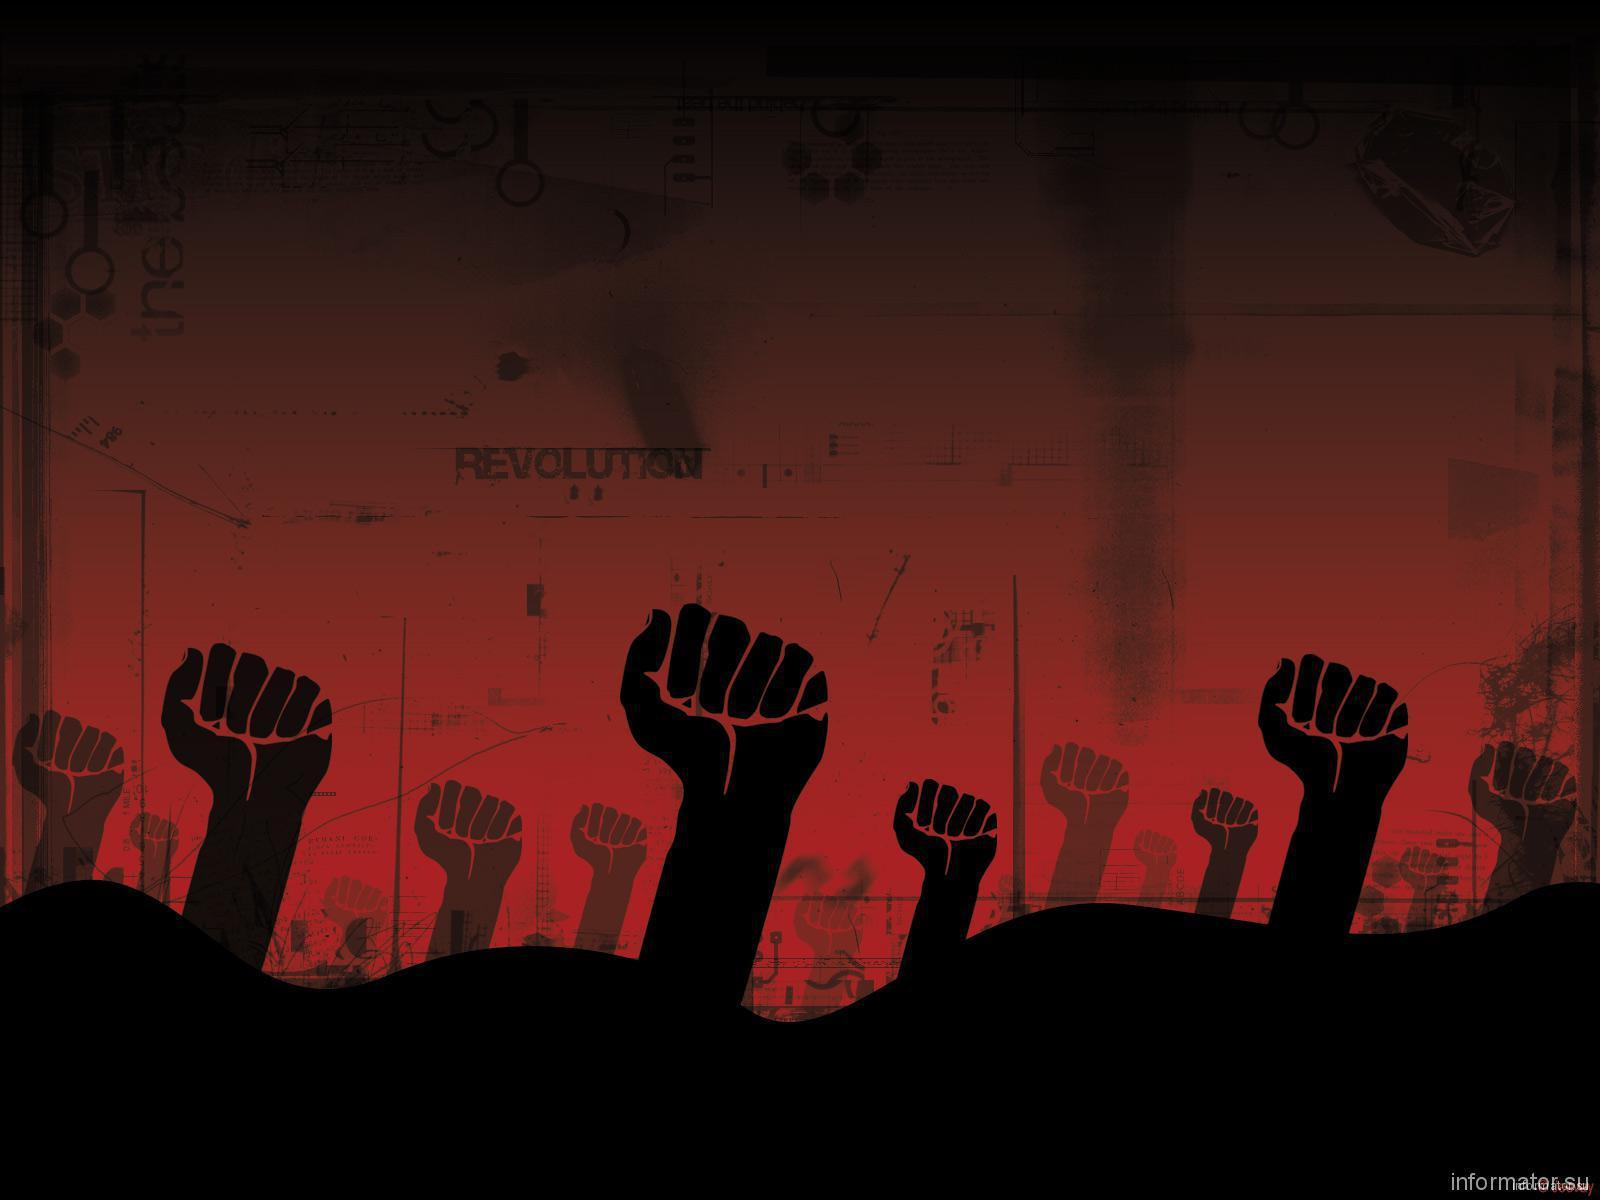 Revolutionwallpaperbyjeevay